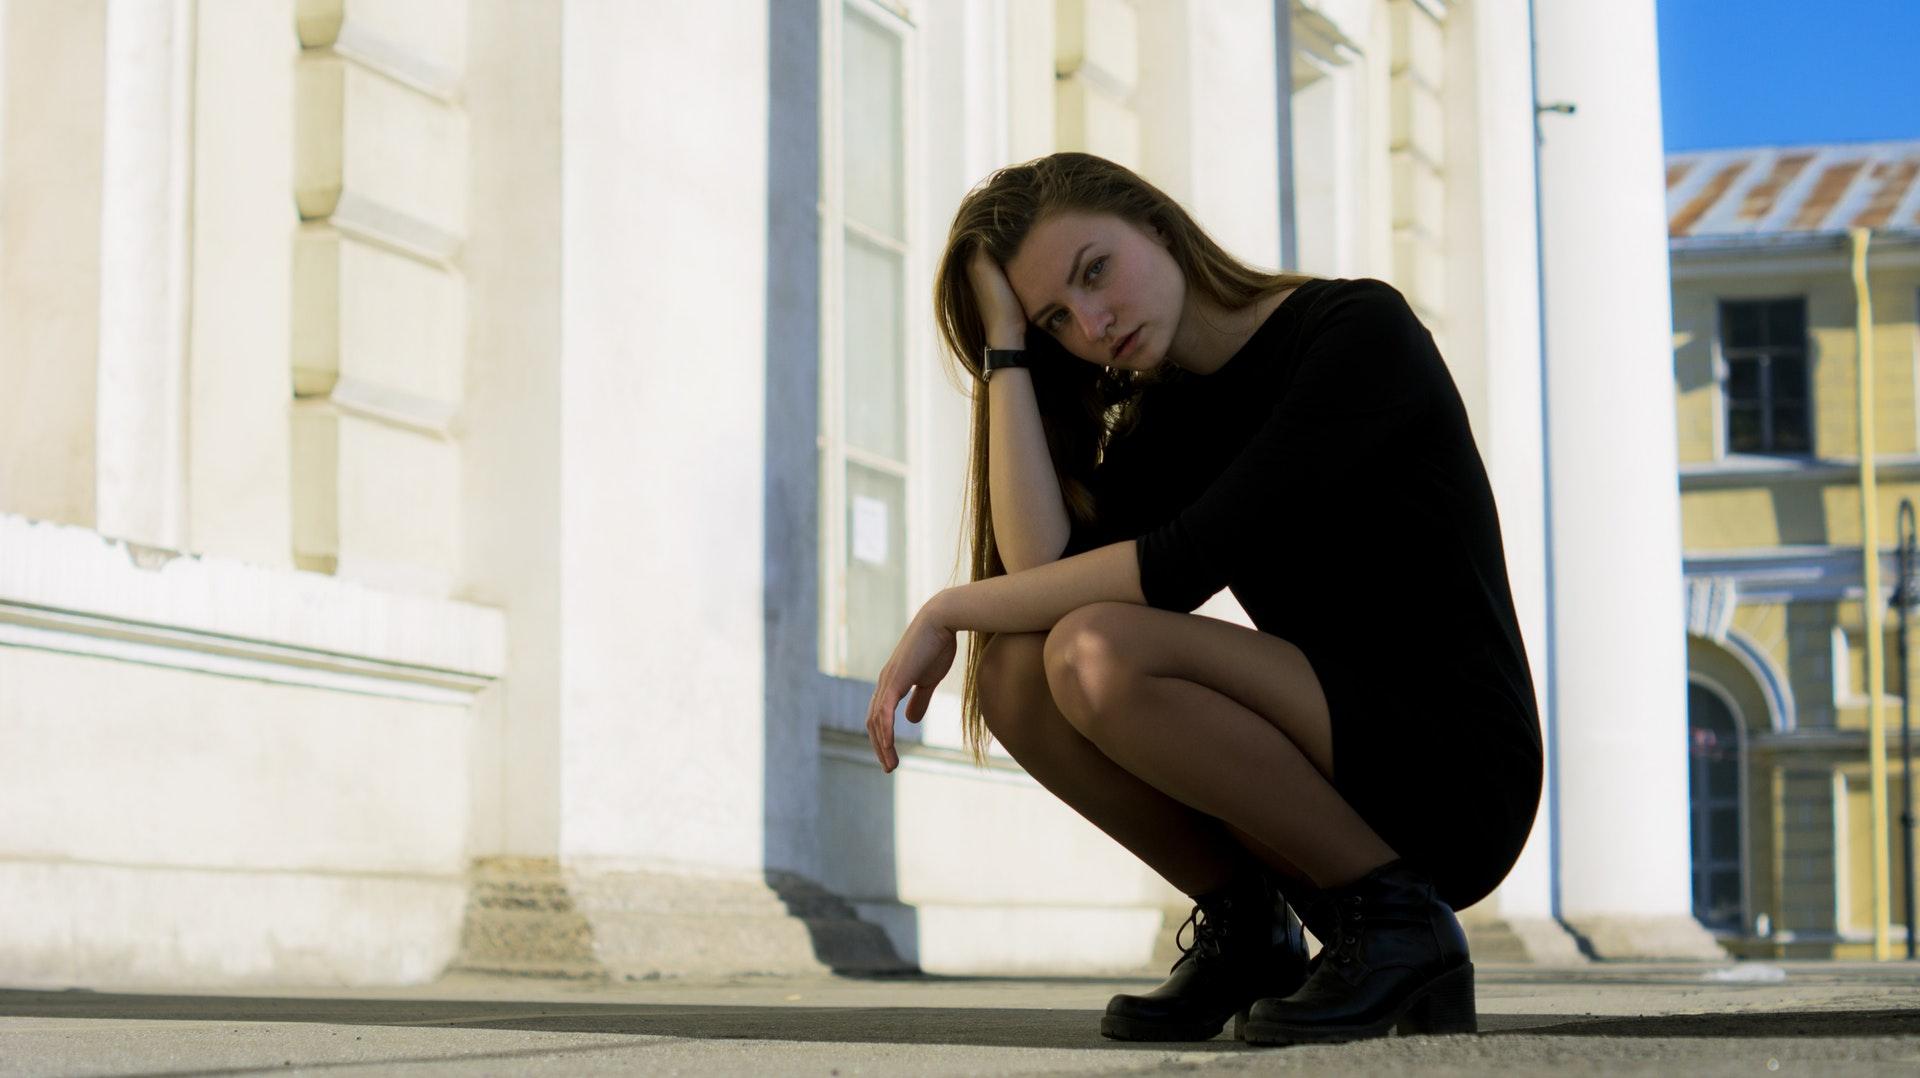 アラフィフ独身女性は魅力的なはずなのに煙たがられる50代独身女の特徴